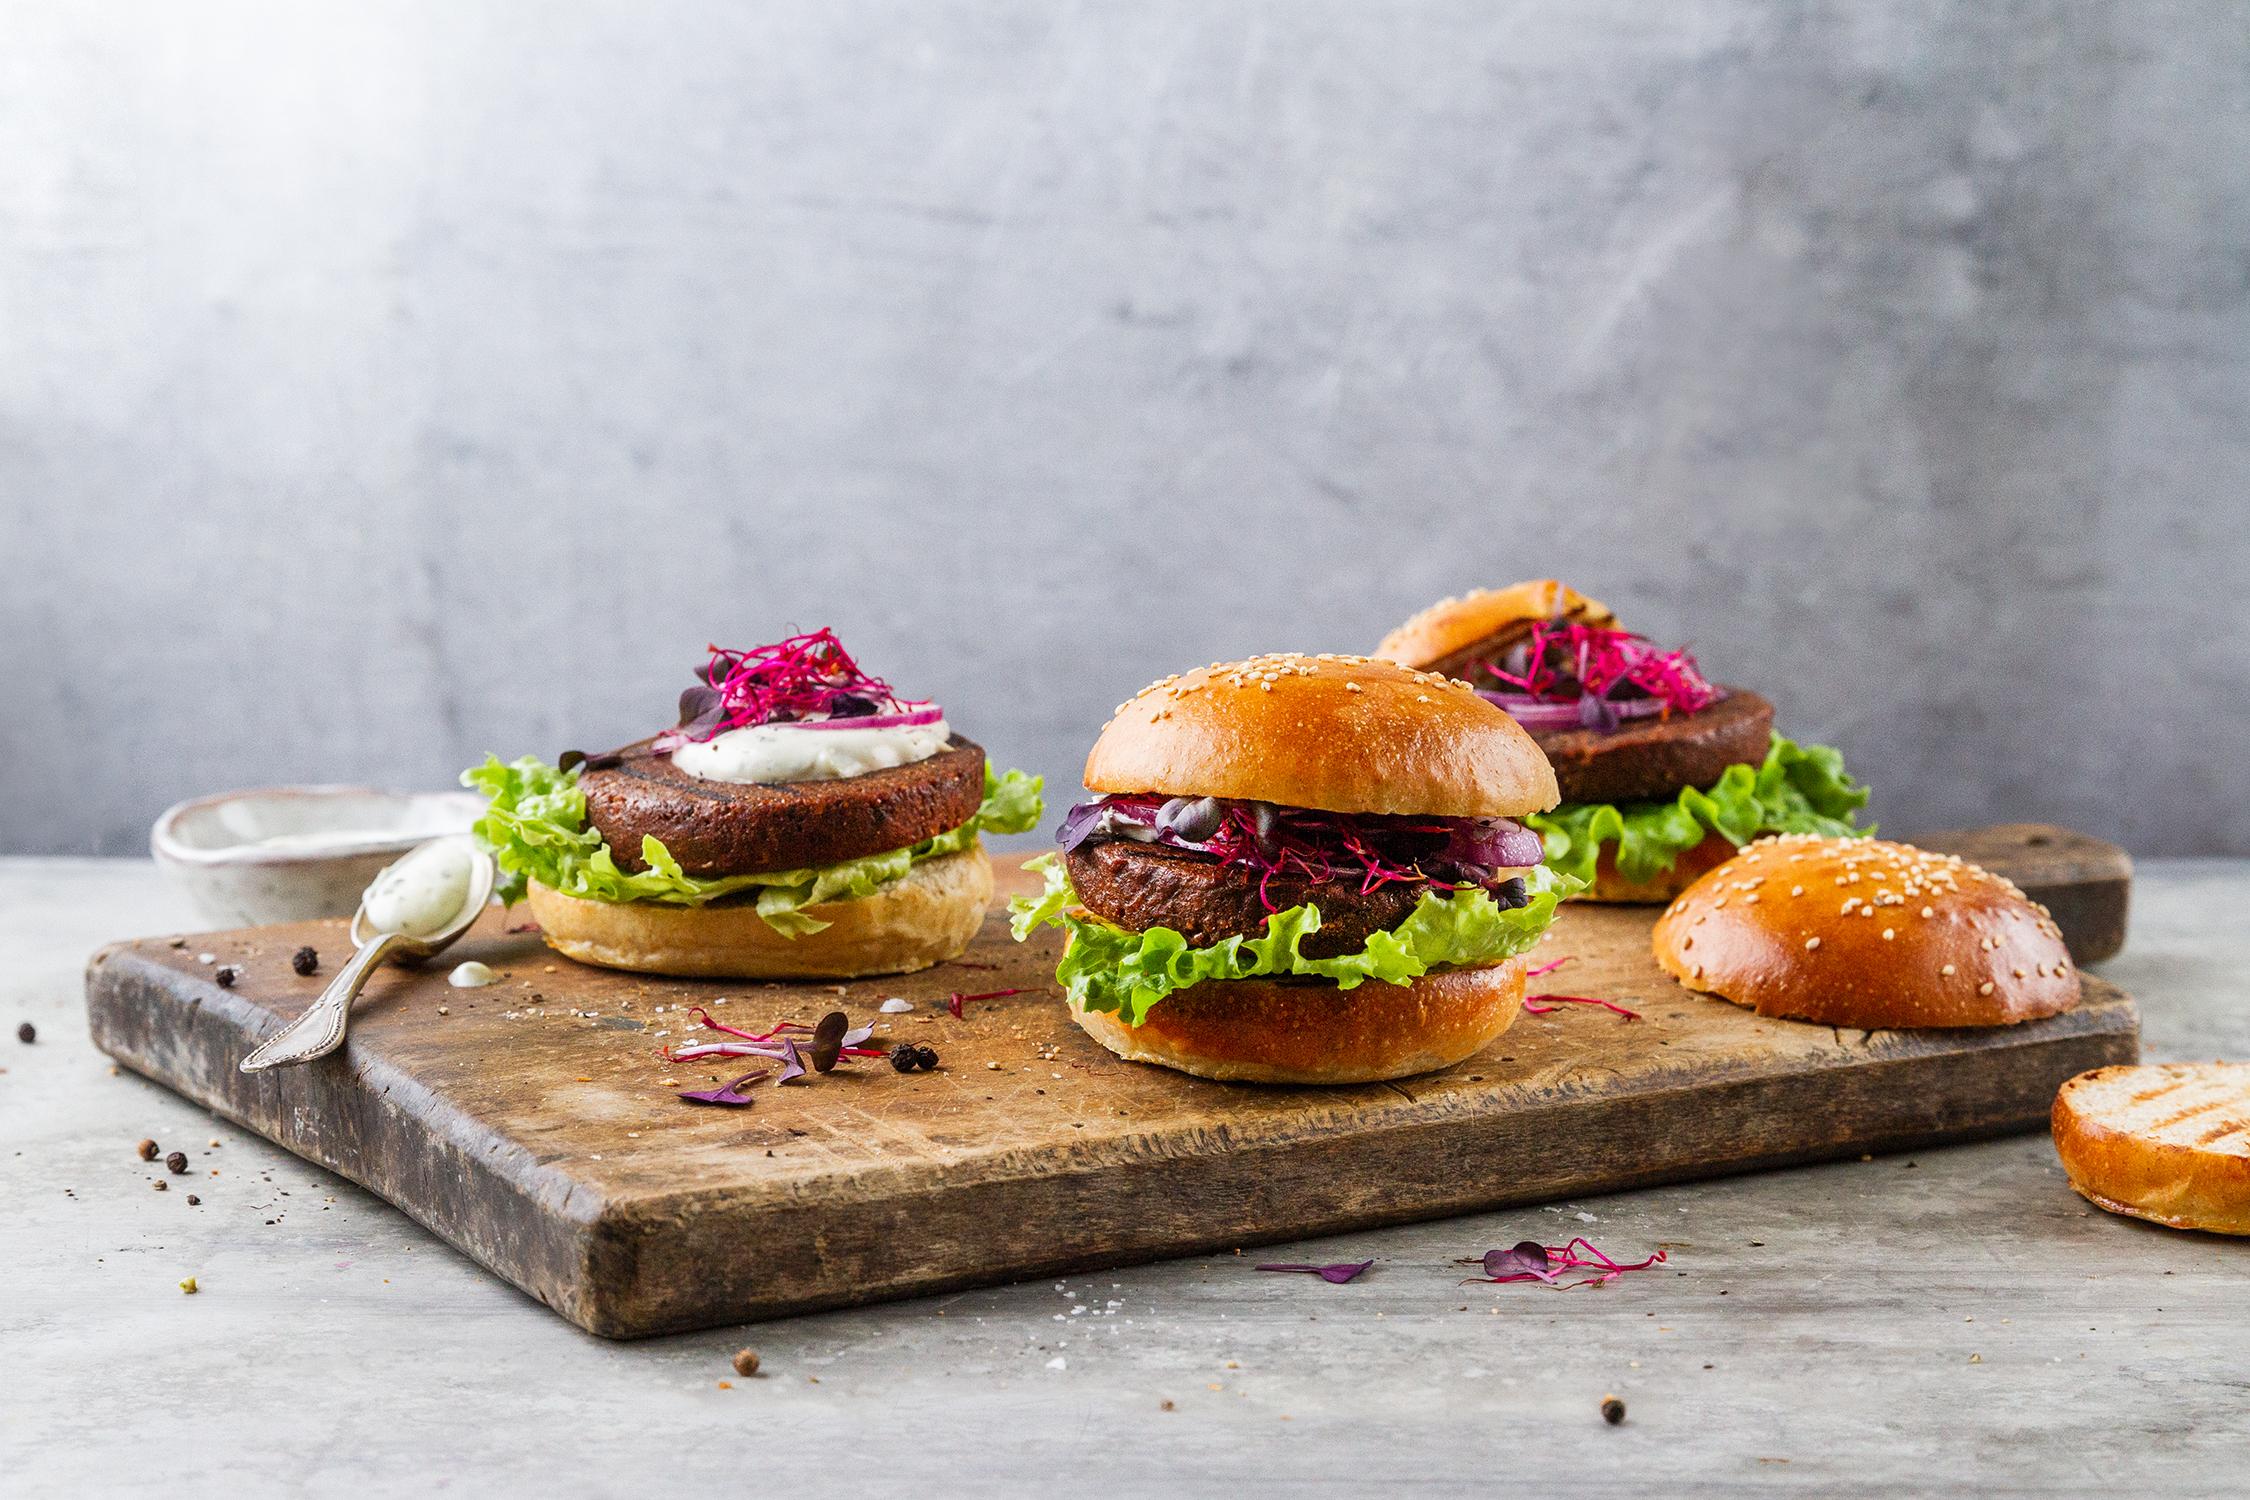 04_Burger_ohne_Verpackung_Vonvorne_Querormat.jpg